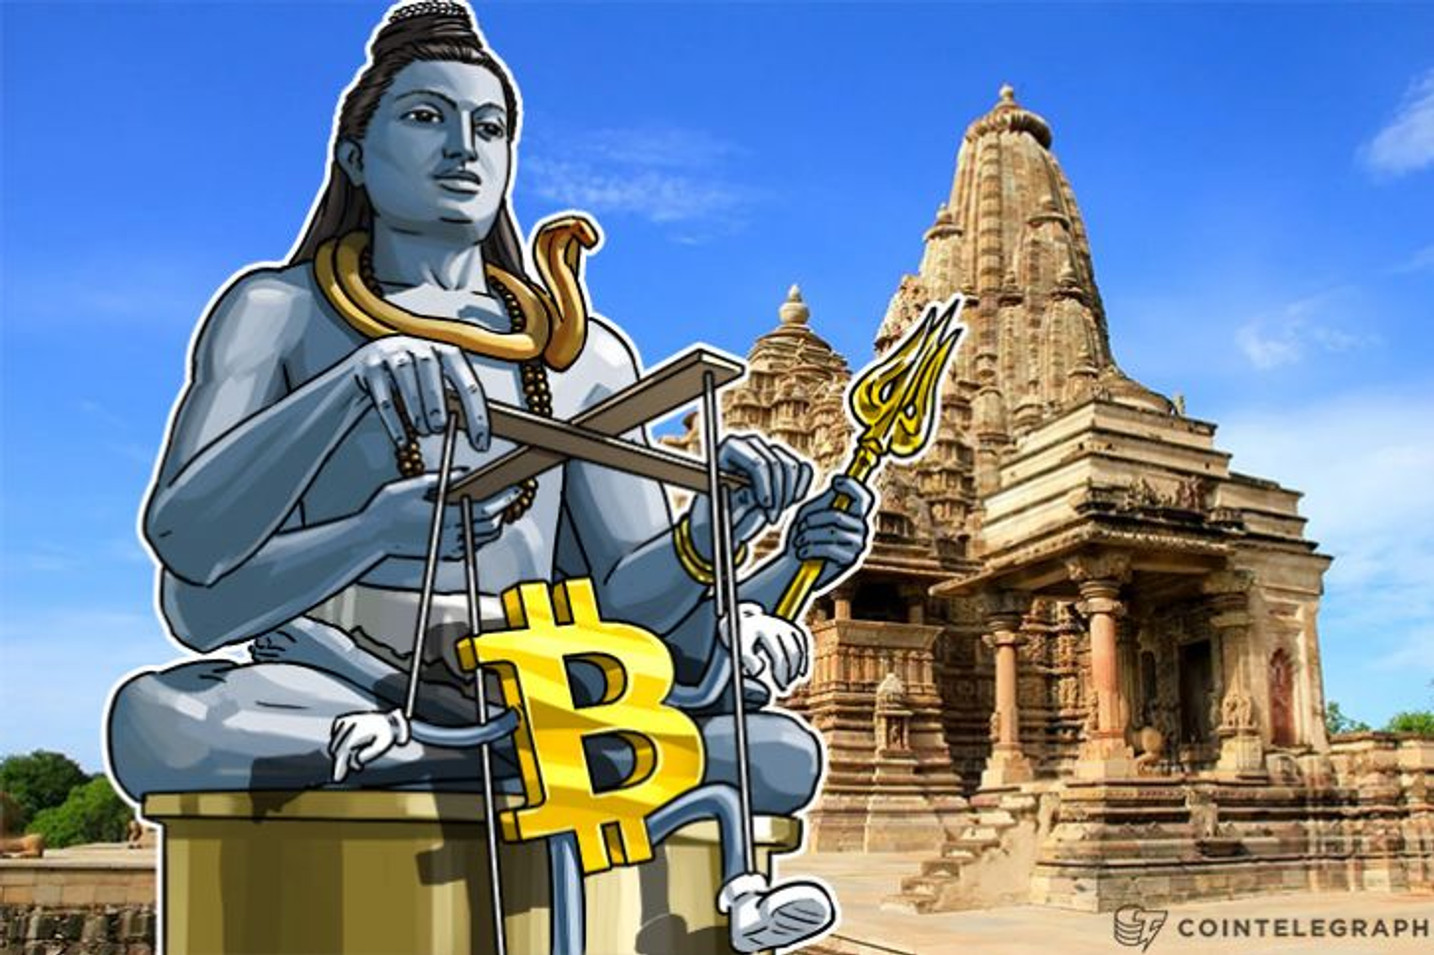 El Comité del Ministerio de Hacienda de la India Recomienda al Gobierno que Desestimule el Uso de Monedas Digitales